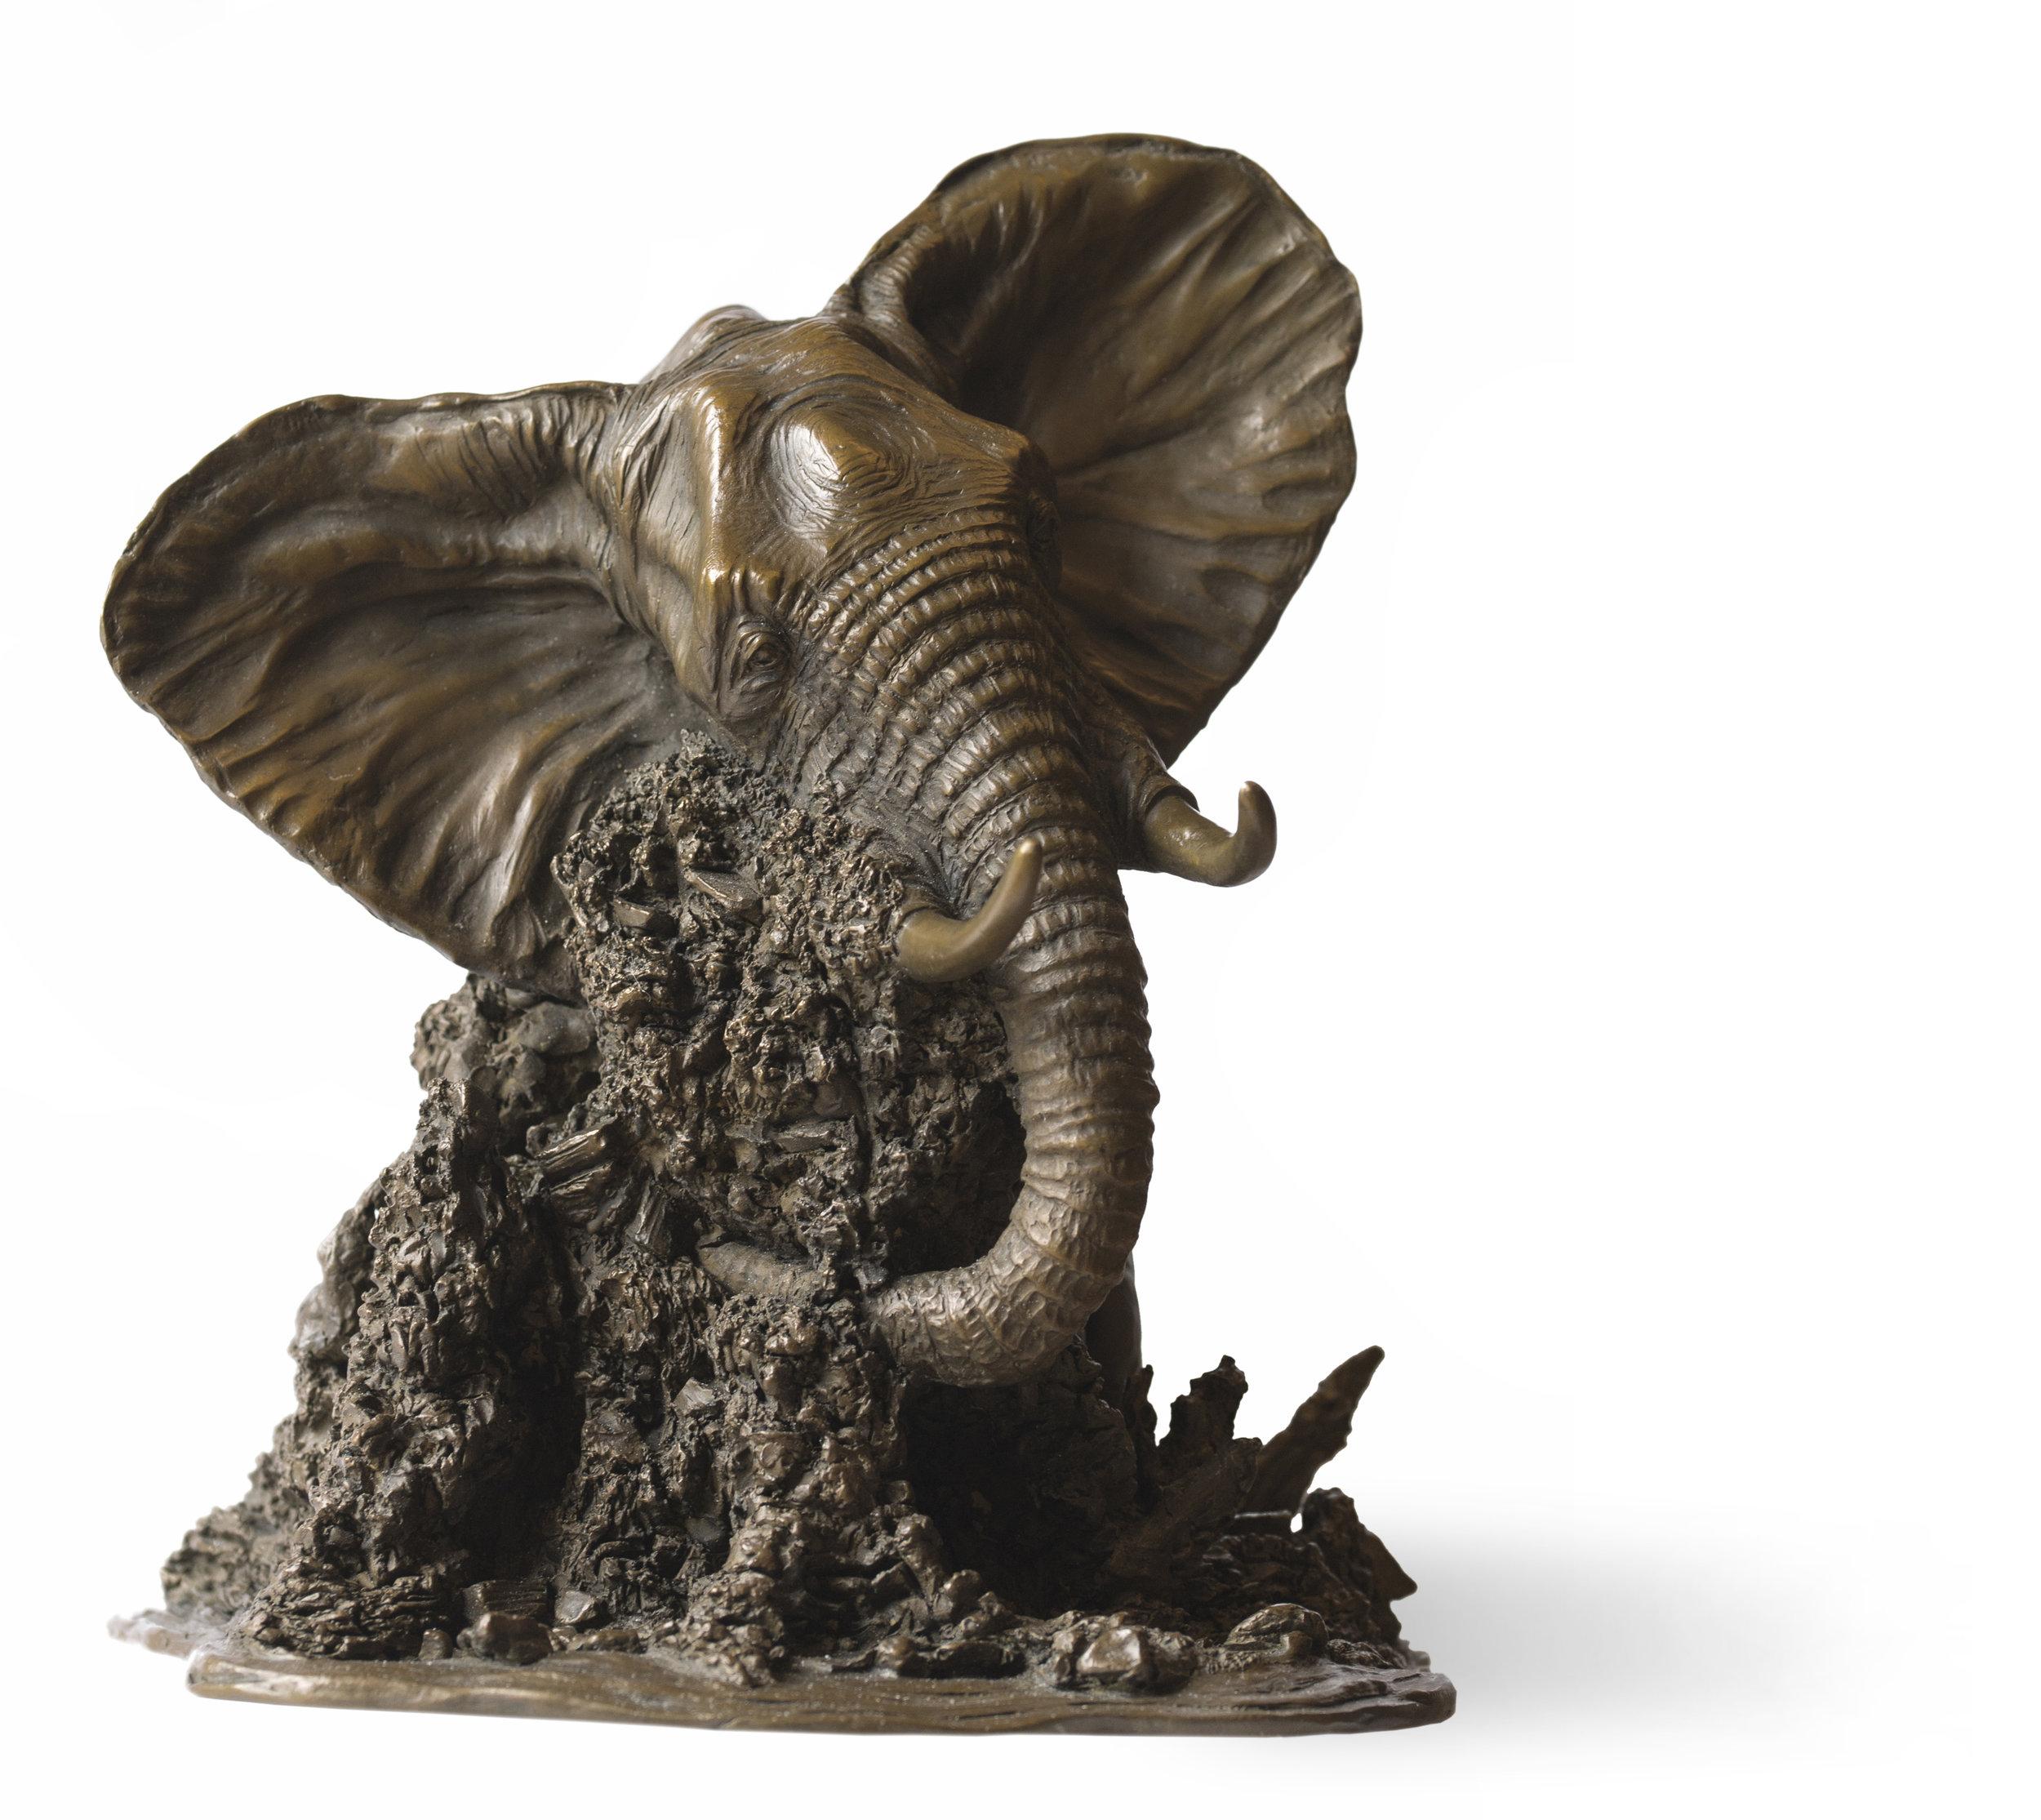 Bull Elephant Study Rosamond Lloyd Sculpture